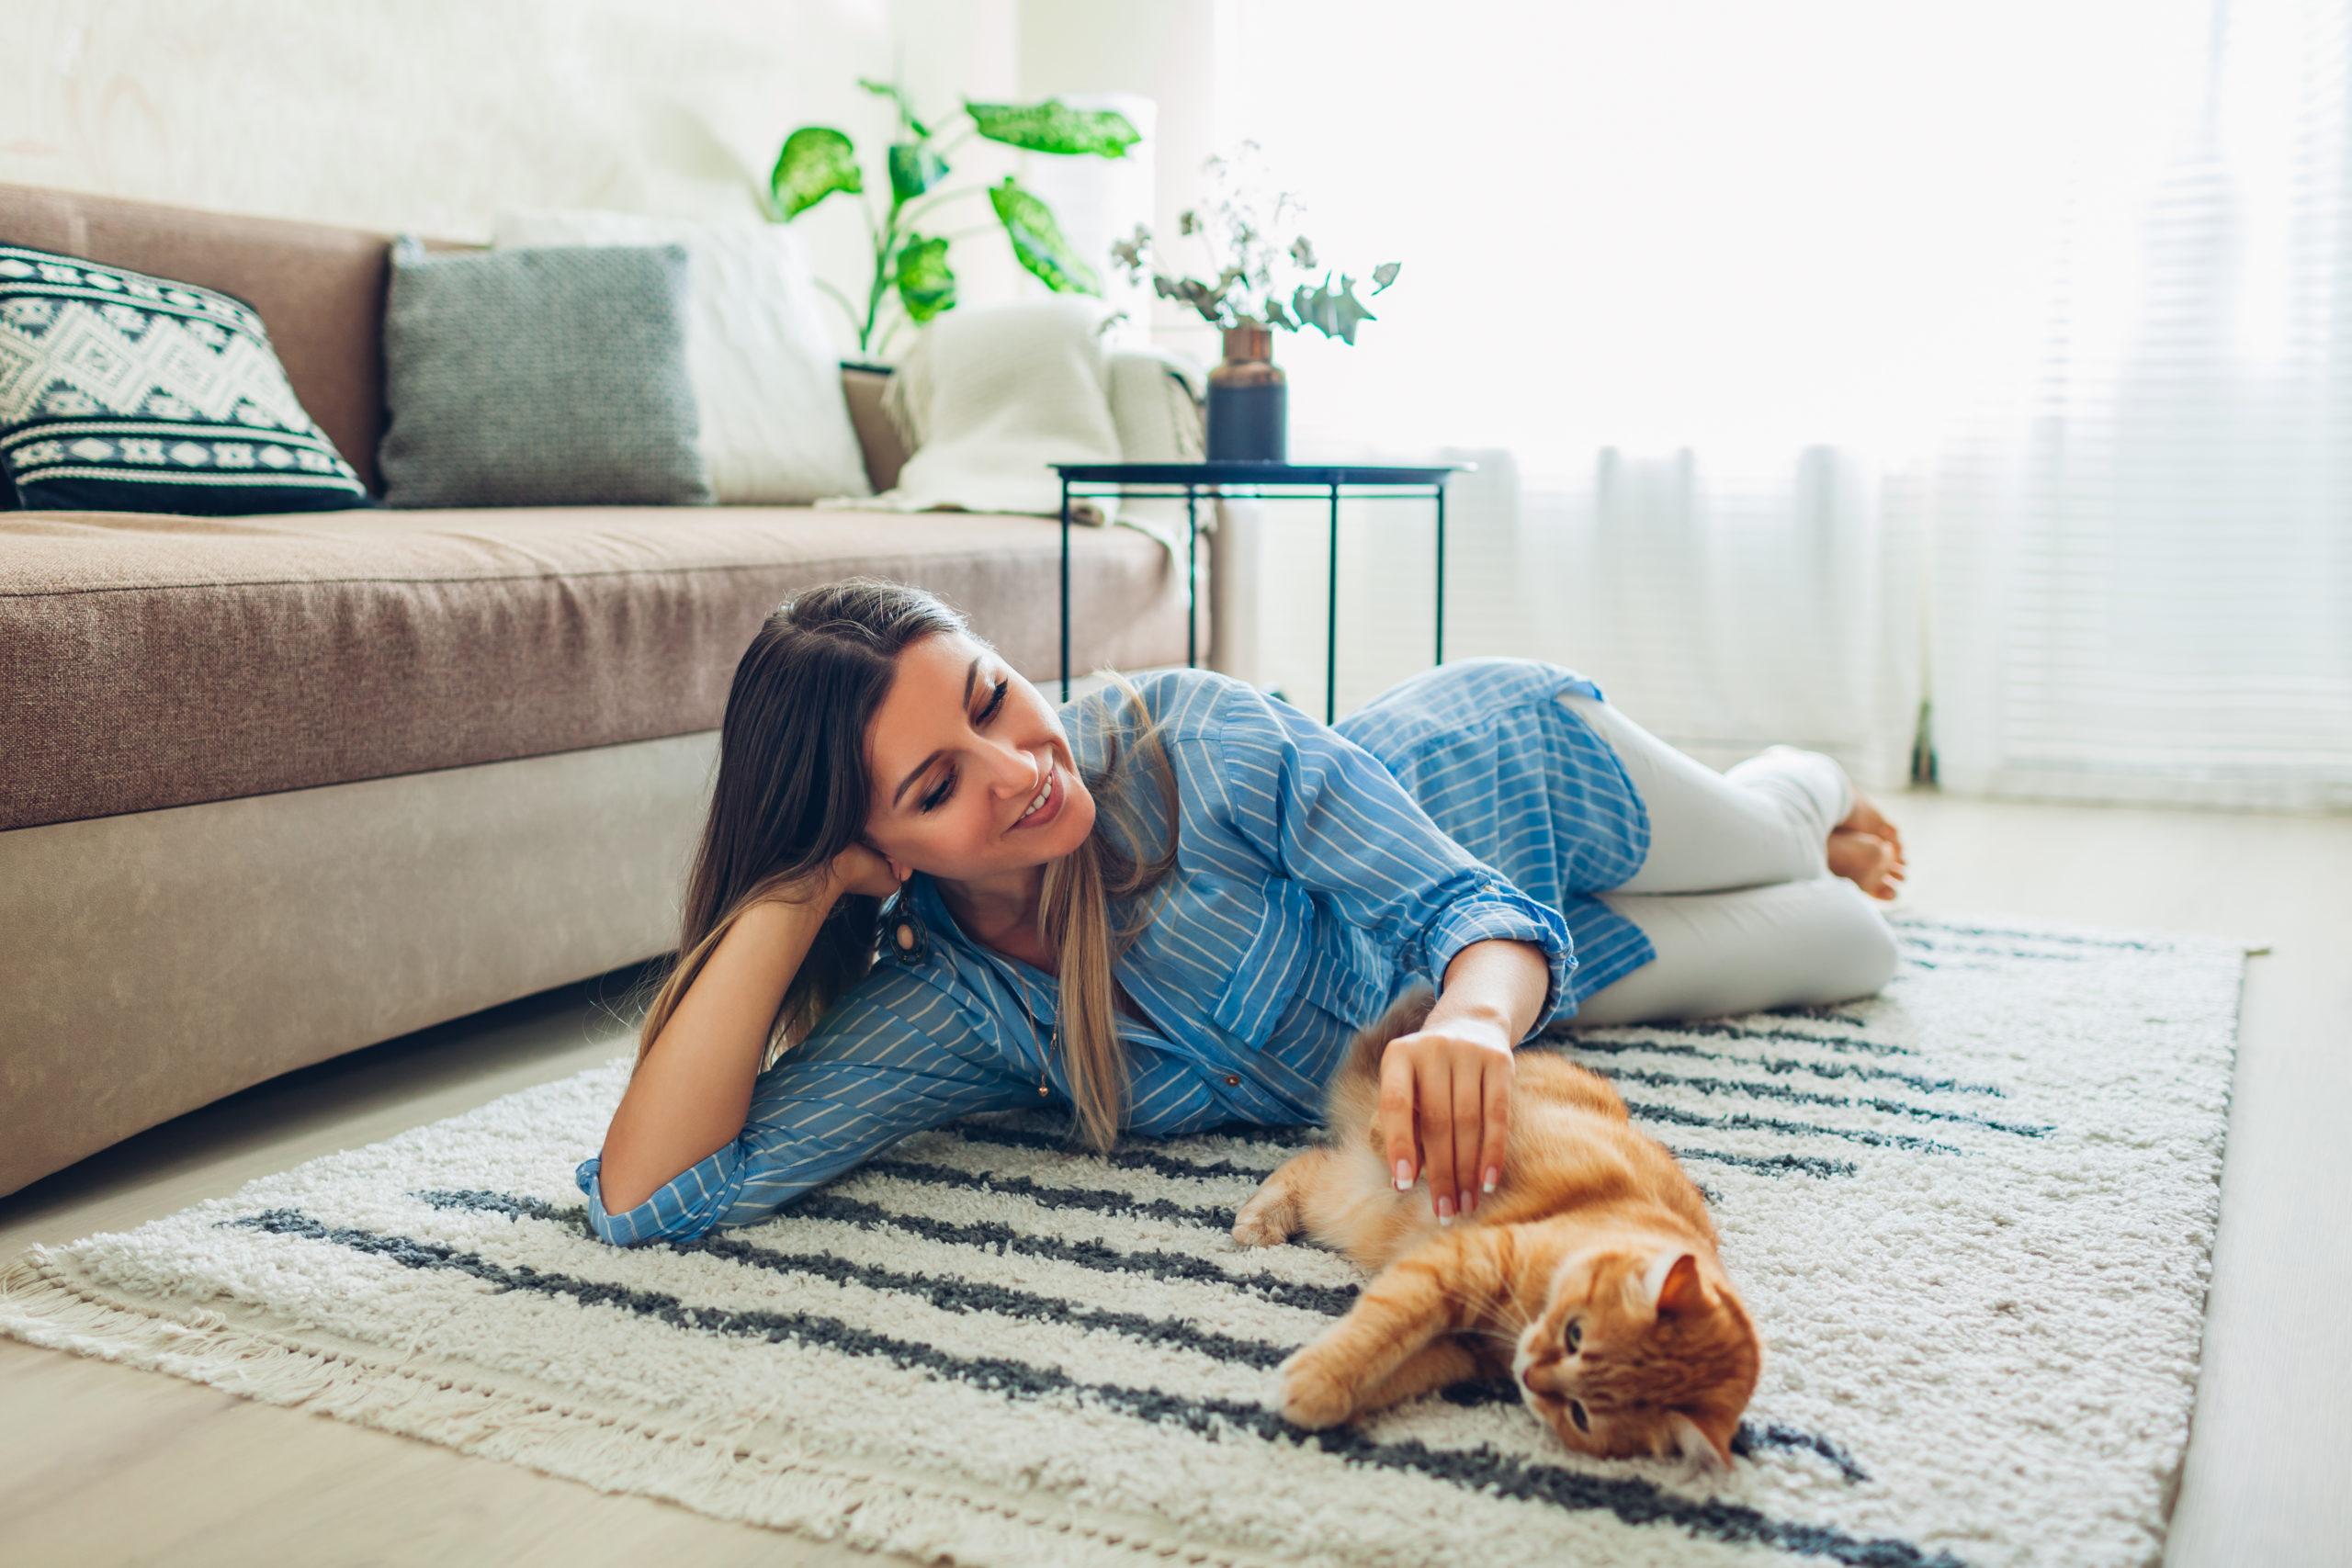 ネコを優先する飼い主とは?